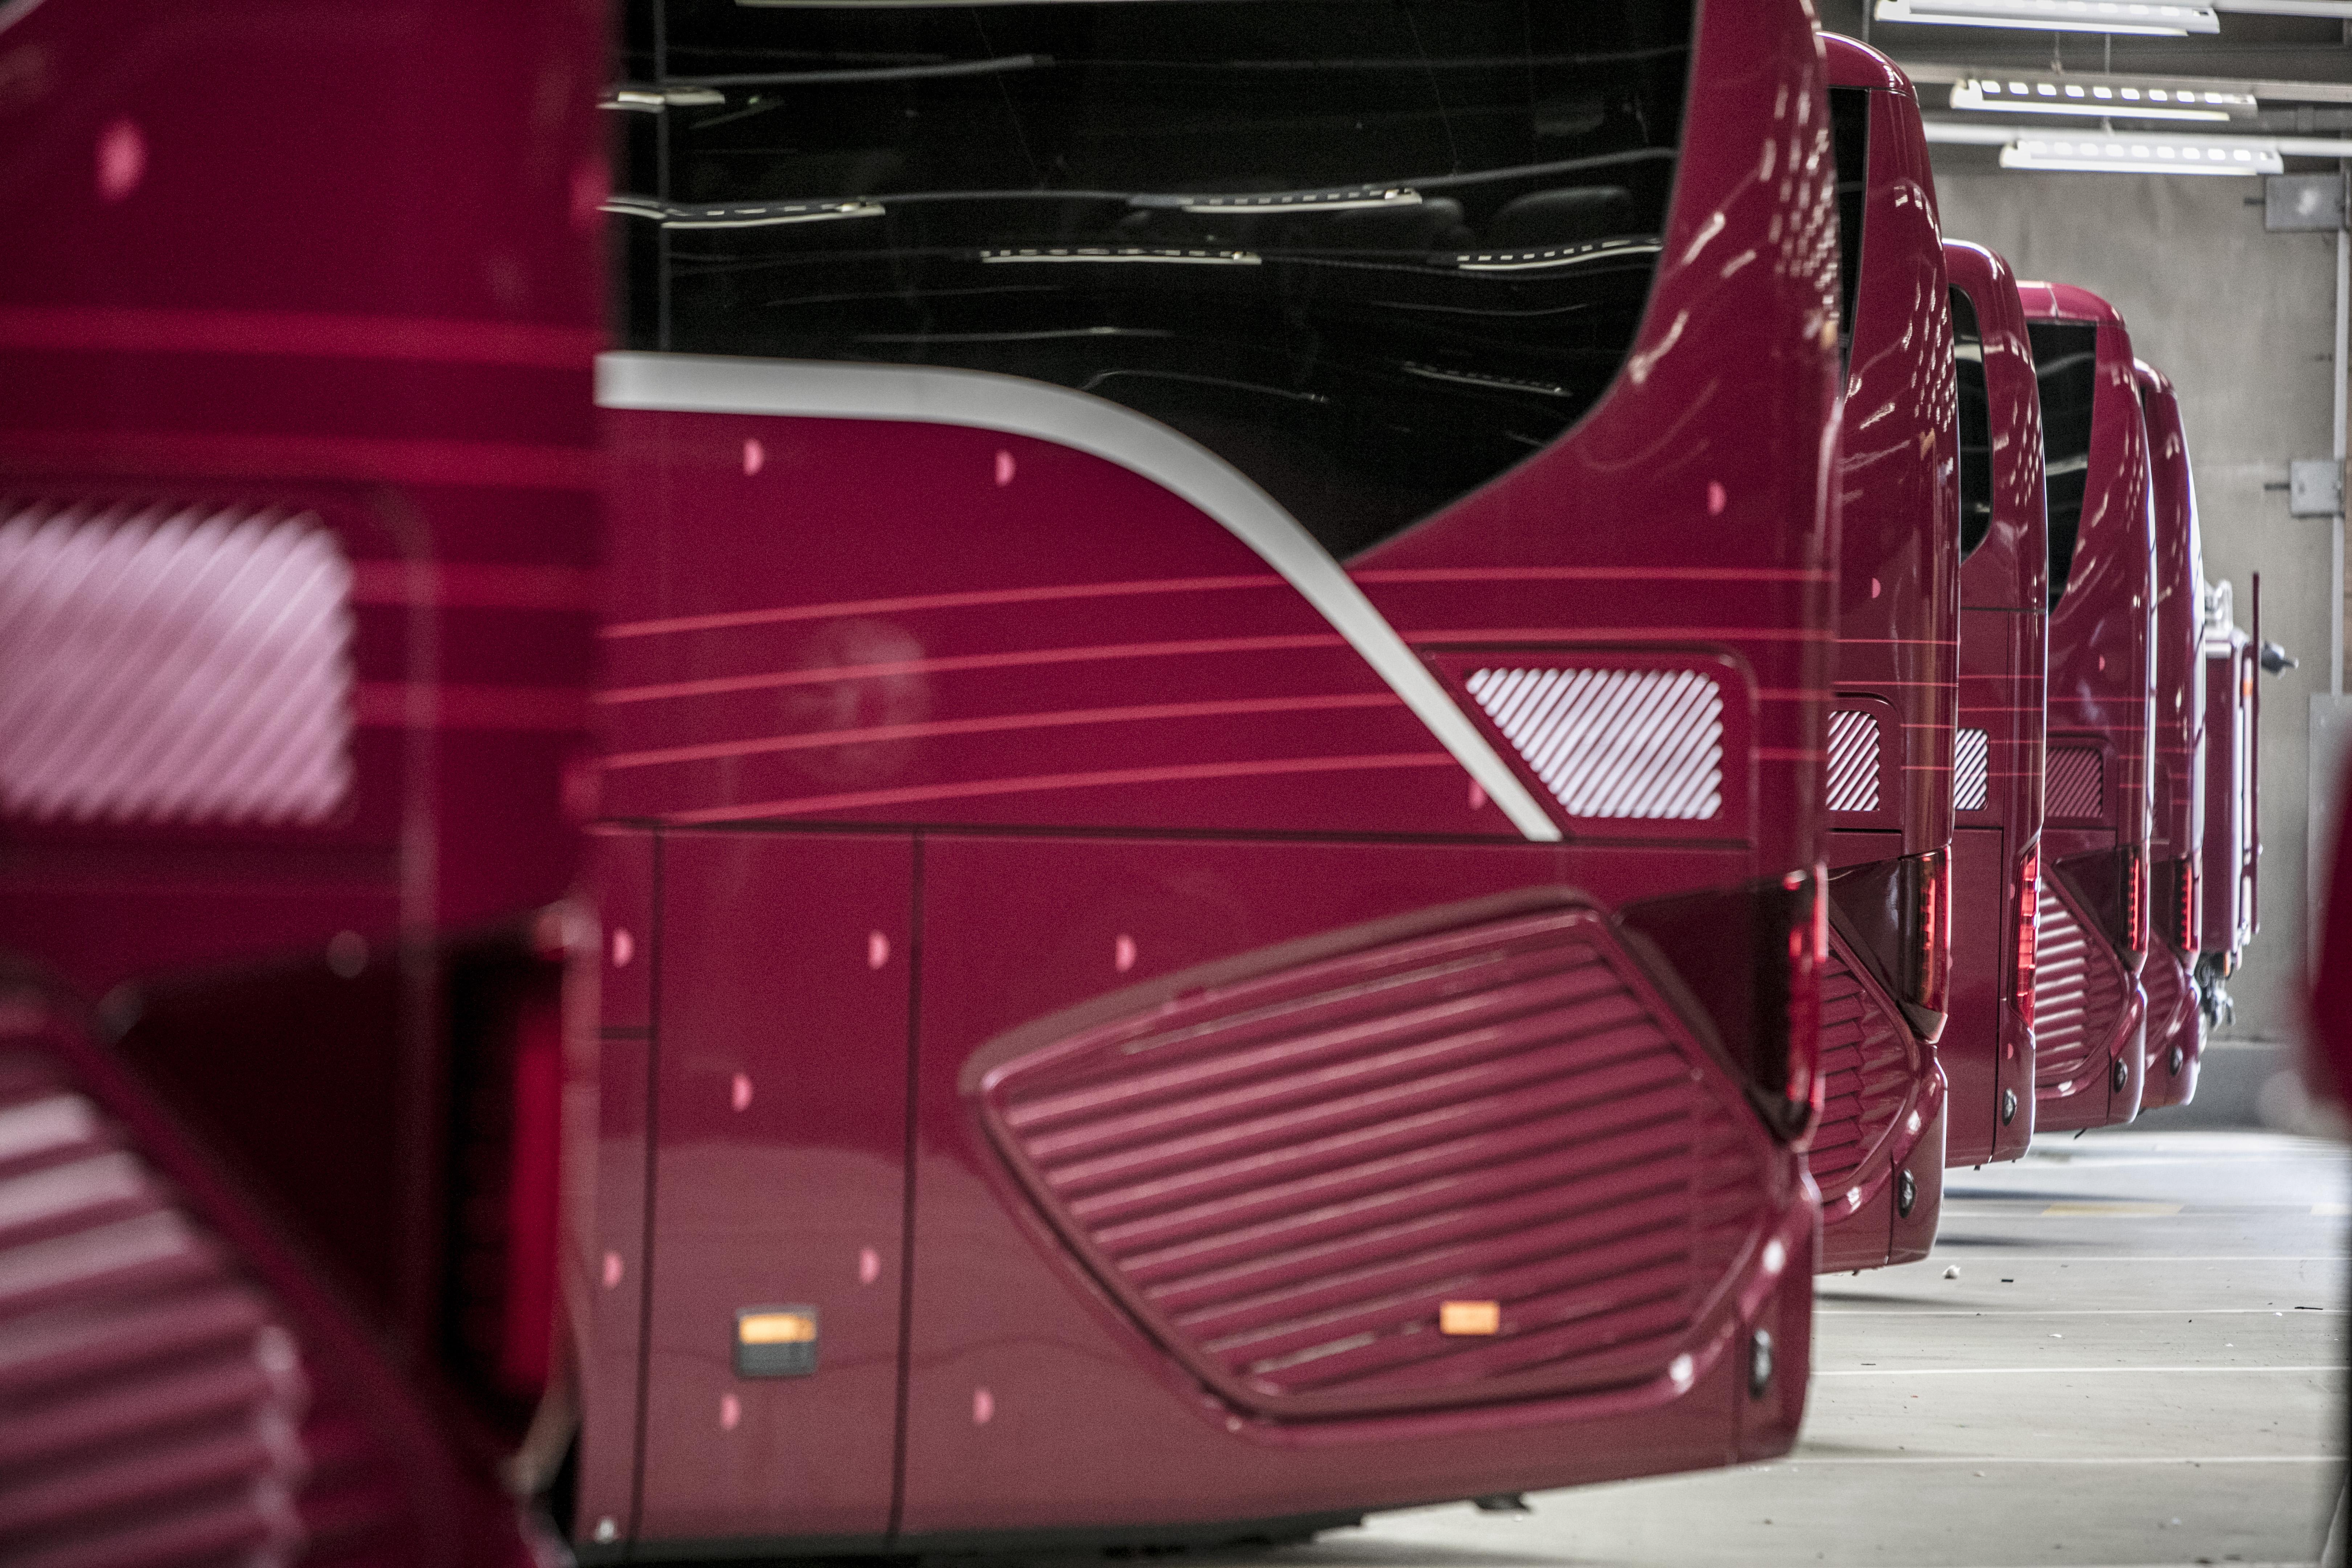 «Votre valise est en soute? Embarquez pour un voyage confortable dans les bus dernier cri de la compagnie.»